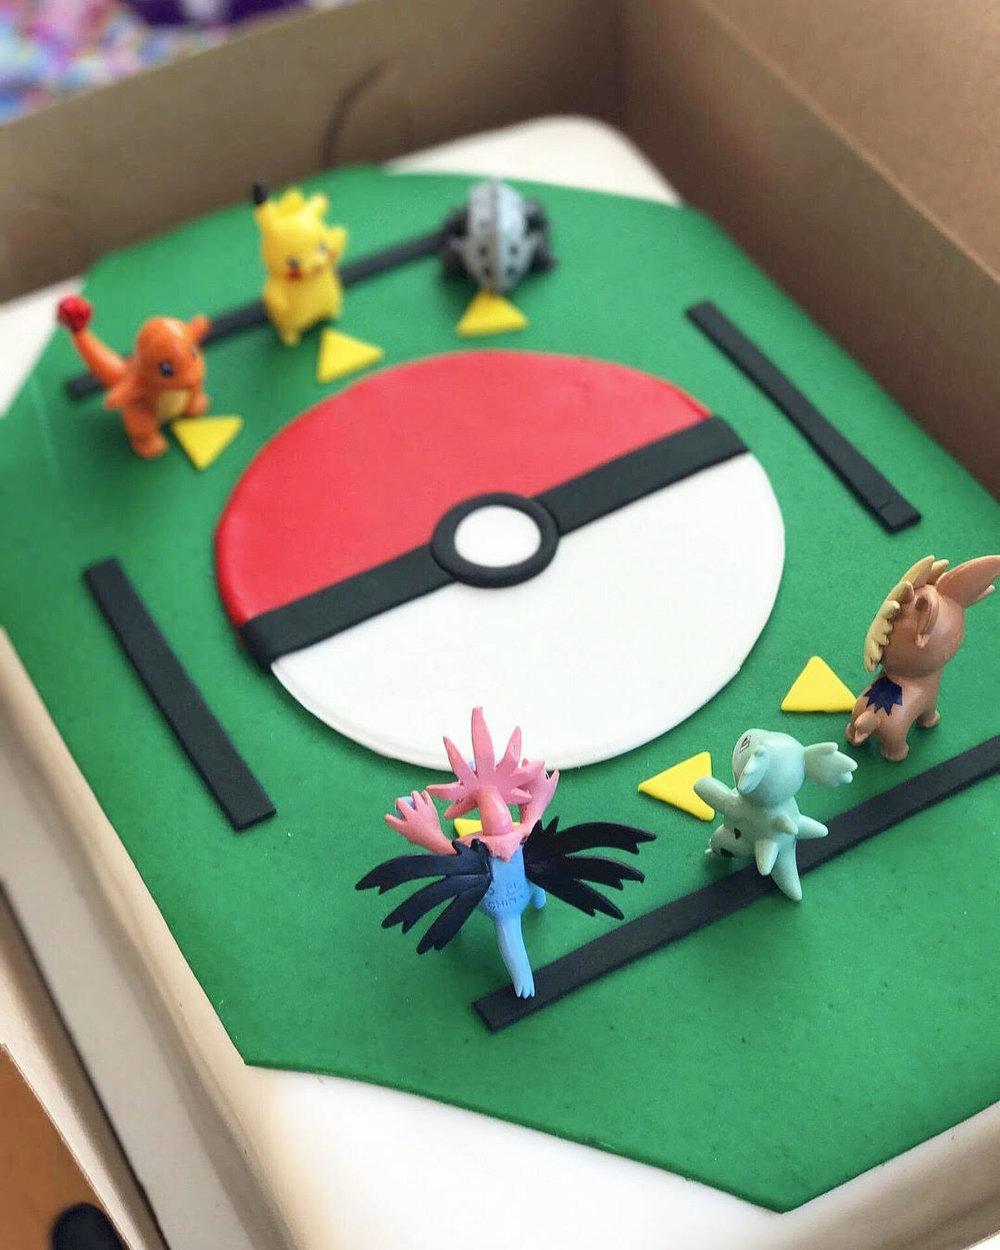 PokemonCake.jpg